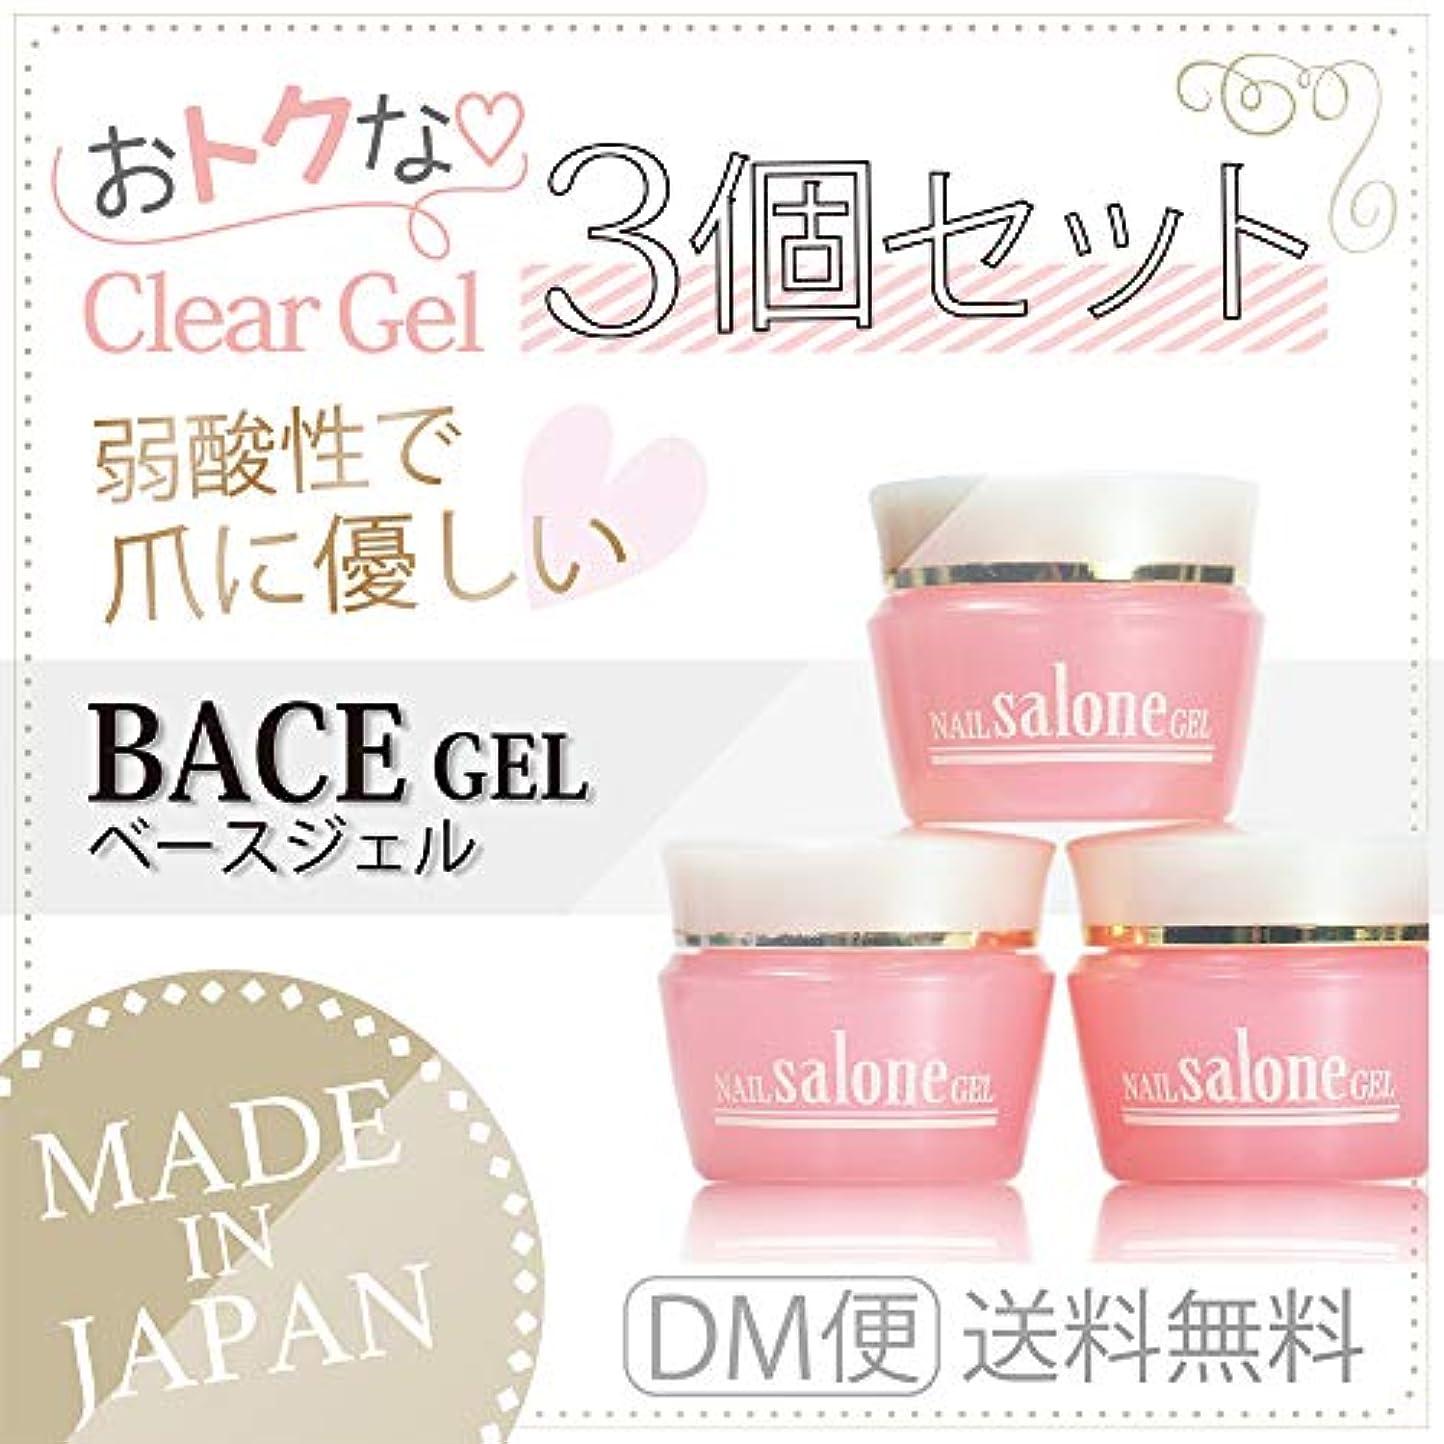 実現可能ロビー時制Salone gel サローネ ベースジェル お得な3個セット 爪に優しい 日本製 驚きの密着力 リムーバーでオフも簡単3g